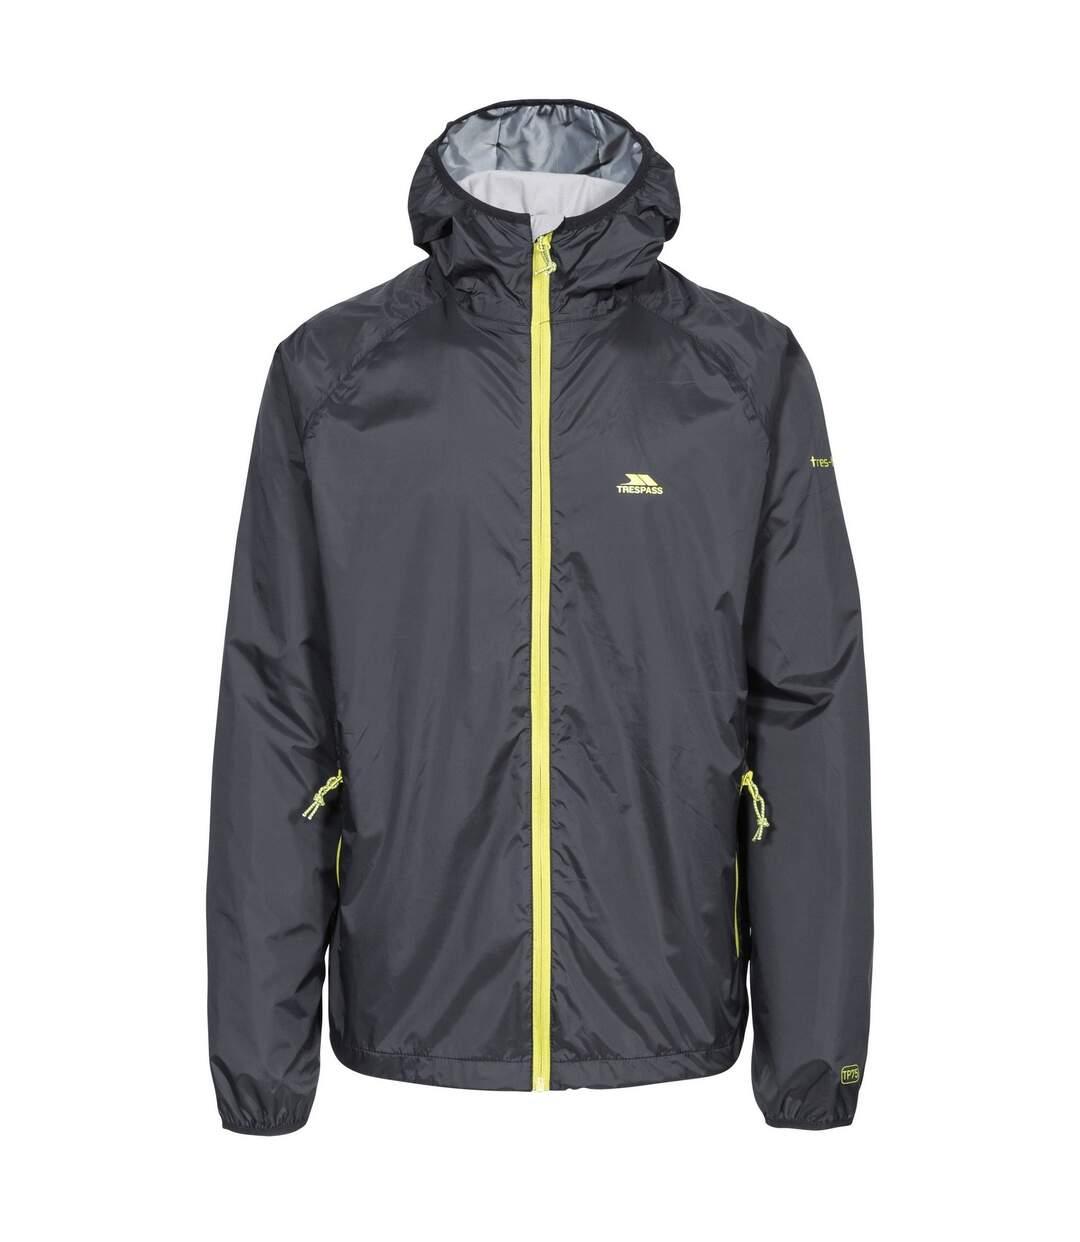 Trespass Mens Rocco II Waterproof Jacket (Black) - UTTP3393